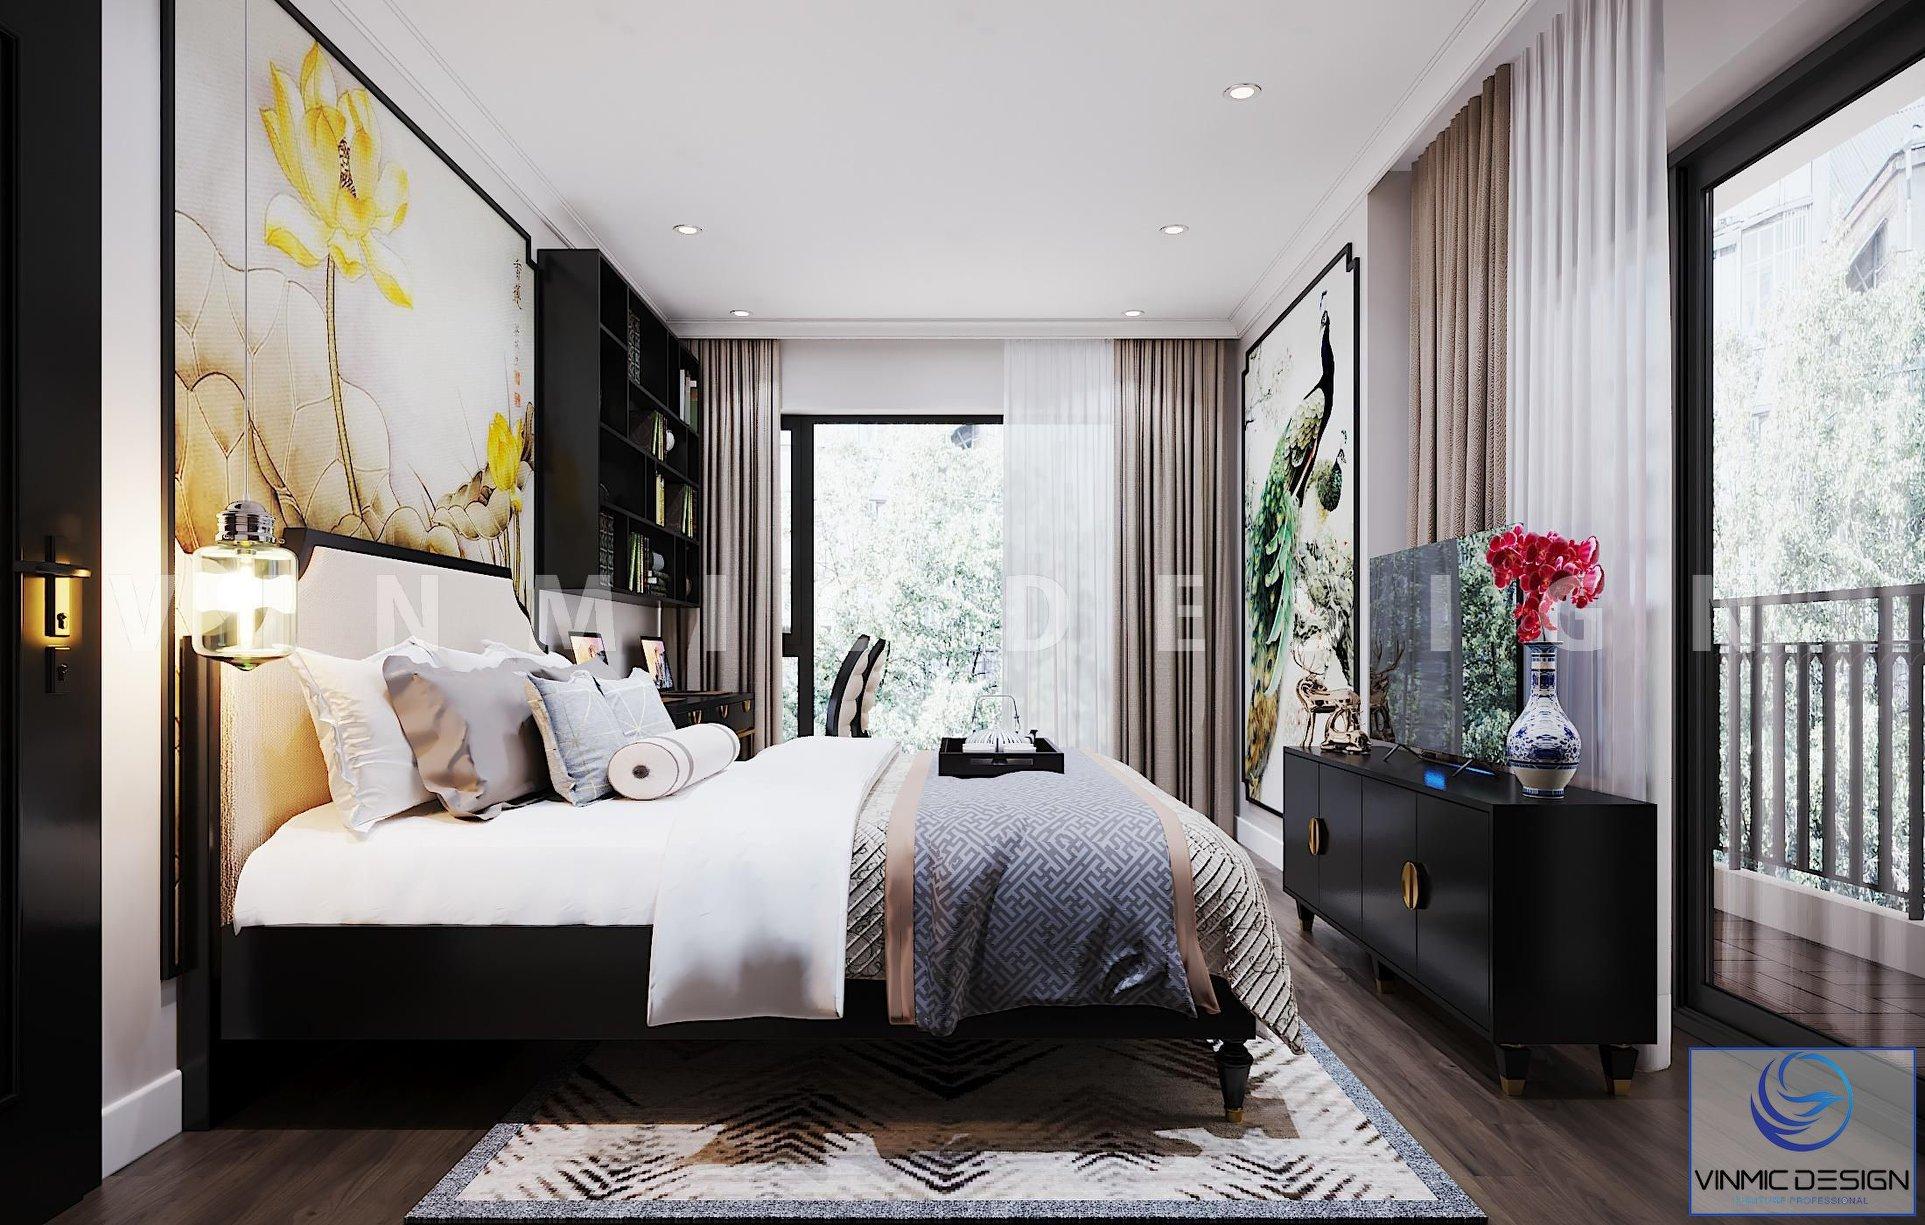 Thiết kế nội thất theo hướng thanh tịnh, khiến giấc ngủ của chủ căn phòng trở nên an yên hơn bao giờ hết